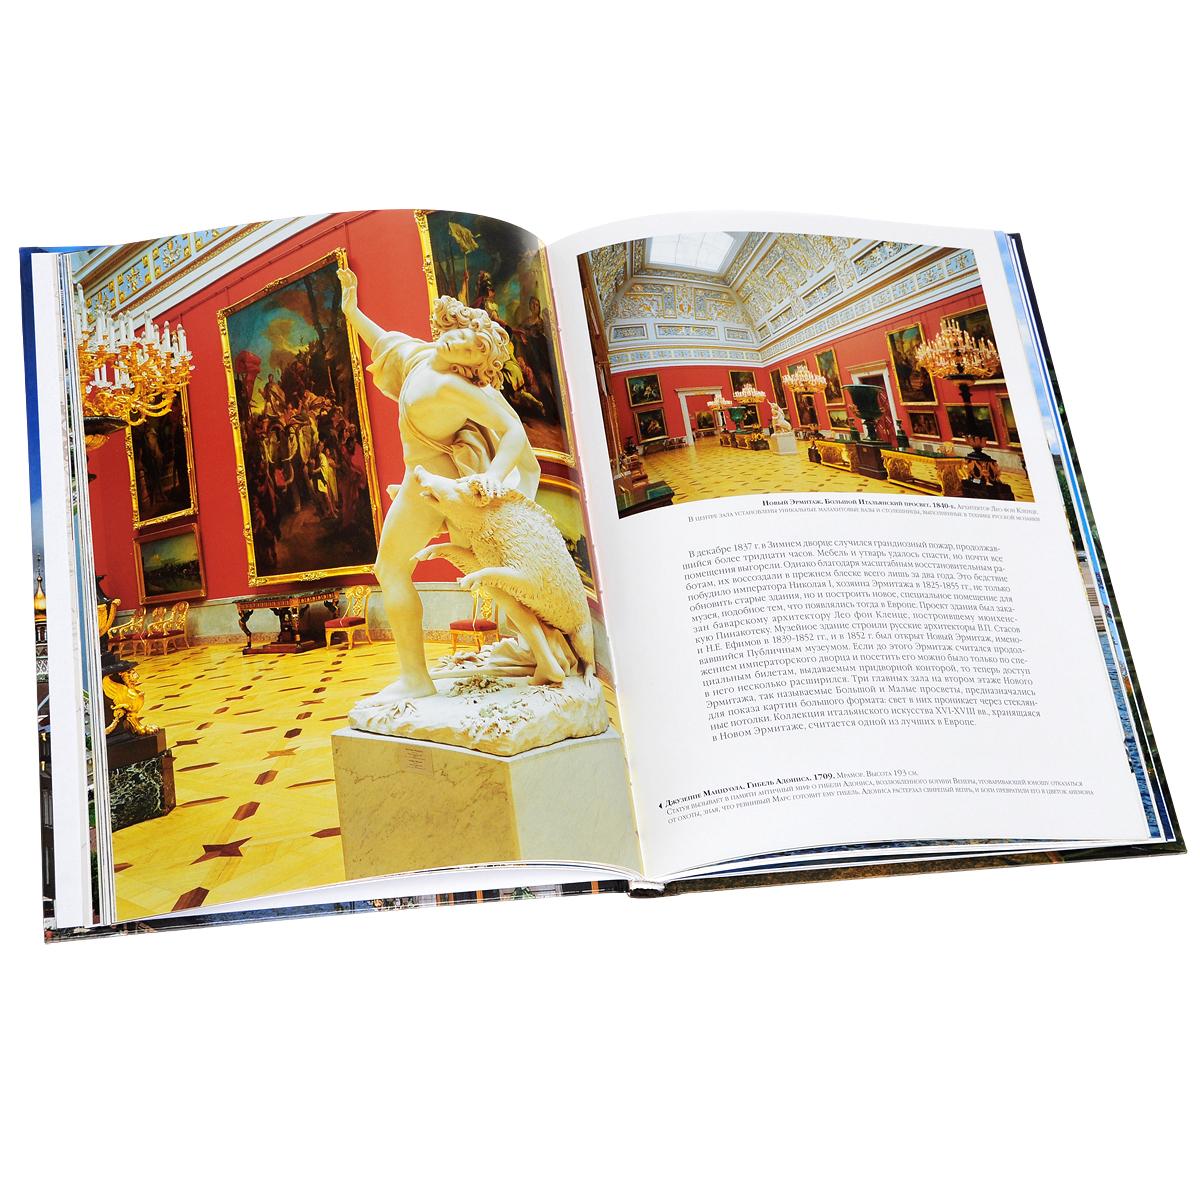 Санкт-Петербург. История и архитектура, М. Ф. Альбедиль